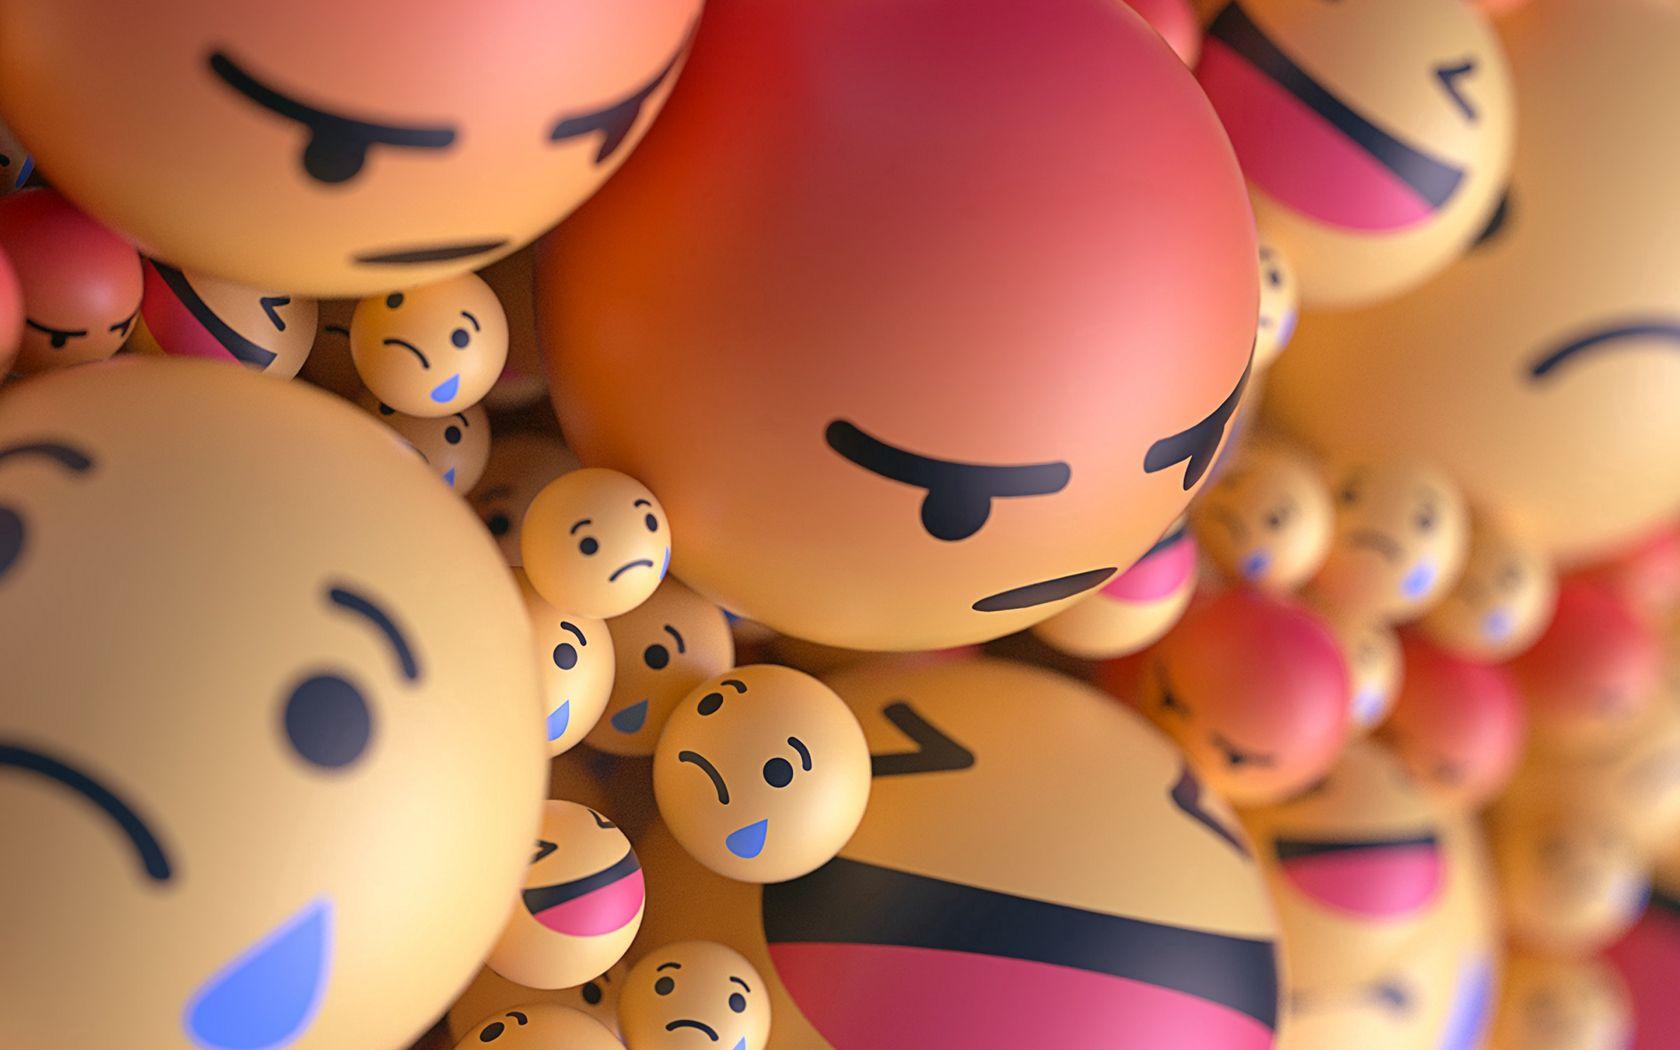 1680x1050 Wallpaper smiles, emoticons, balls, 3d, emotions